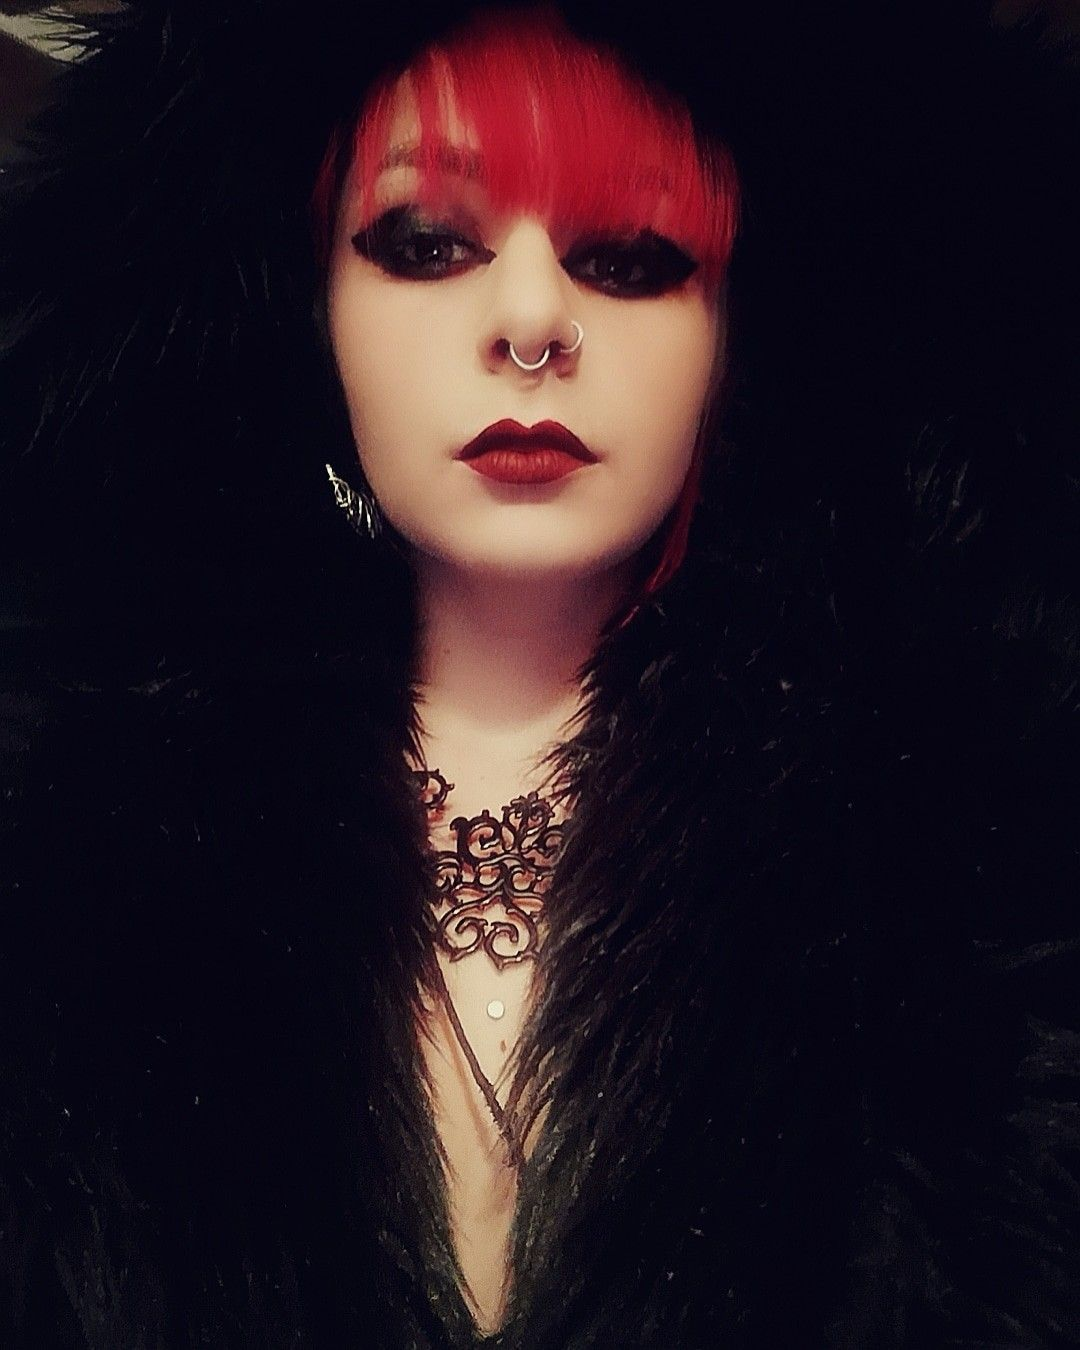 #redhair #witch #moon #gothgirl #piercedgirl #tattoogirl